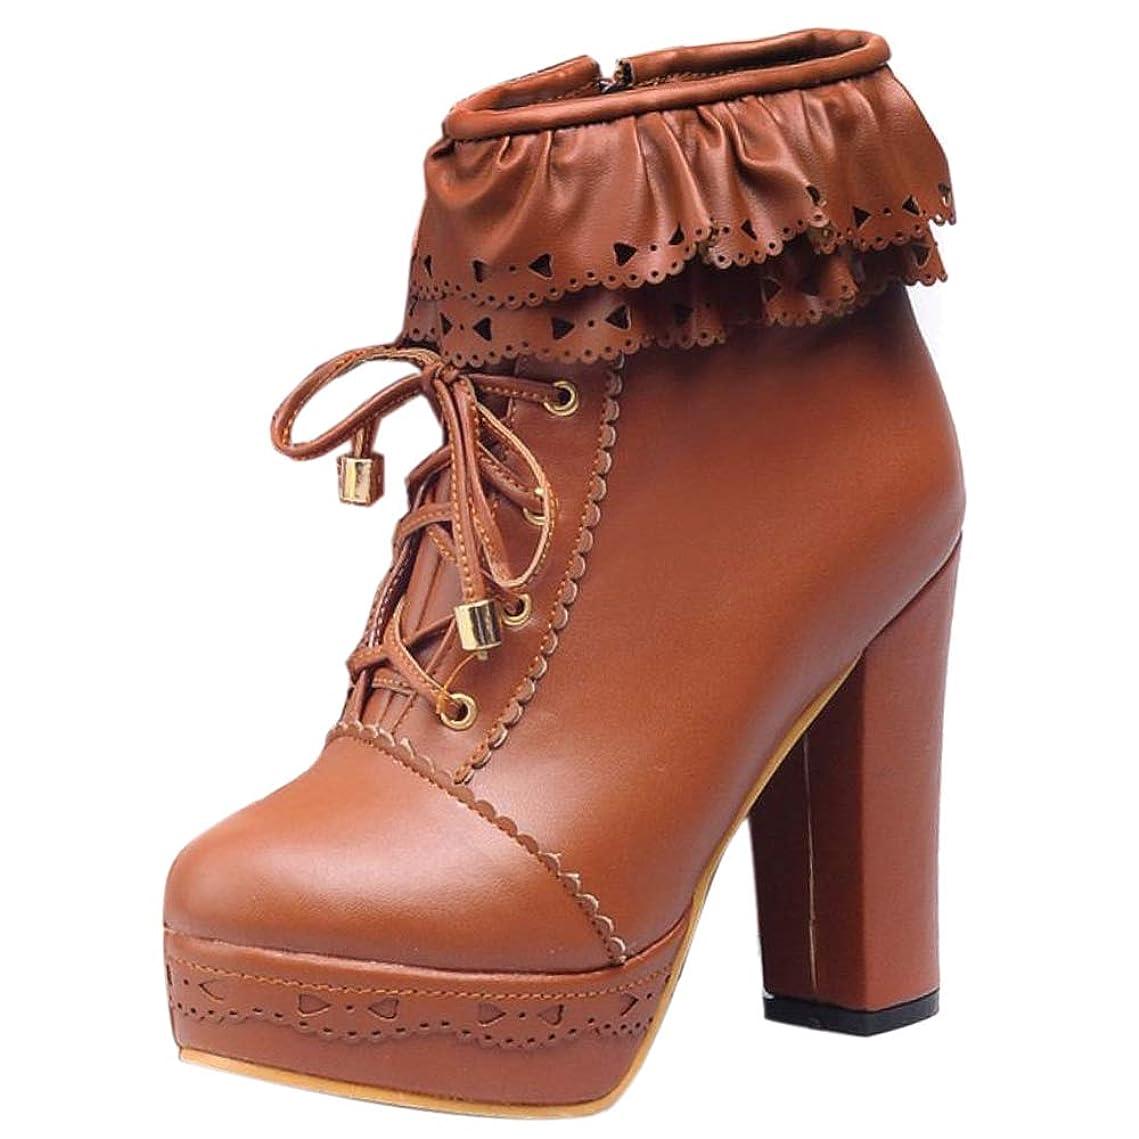 爪必要とするまだ[FANIMILA] レディース 可愛い ショートブーツ ハイヒール 編み上げブーツ お嬢様風 美脚 ロリータ靴